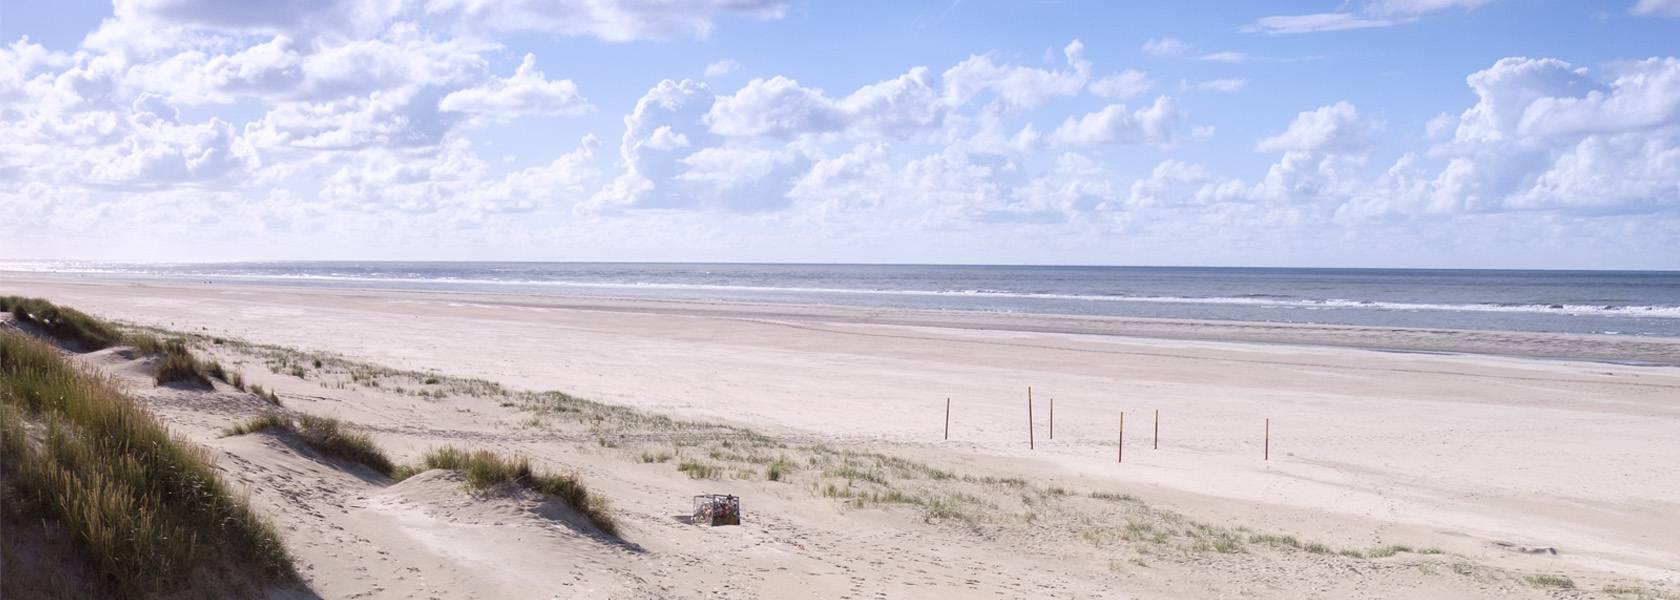 Strand von Langeoog, © Tourismus-Service Langeoog